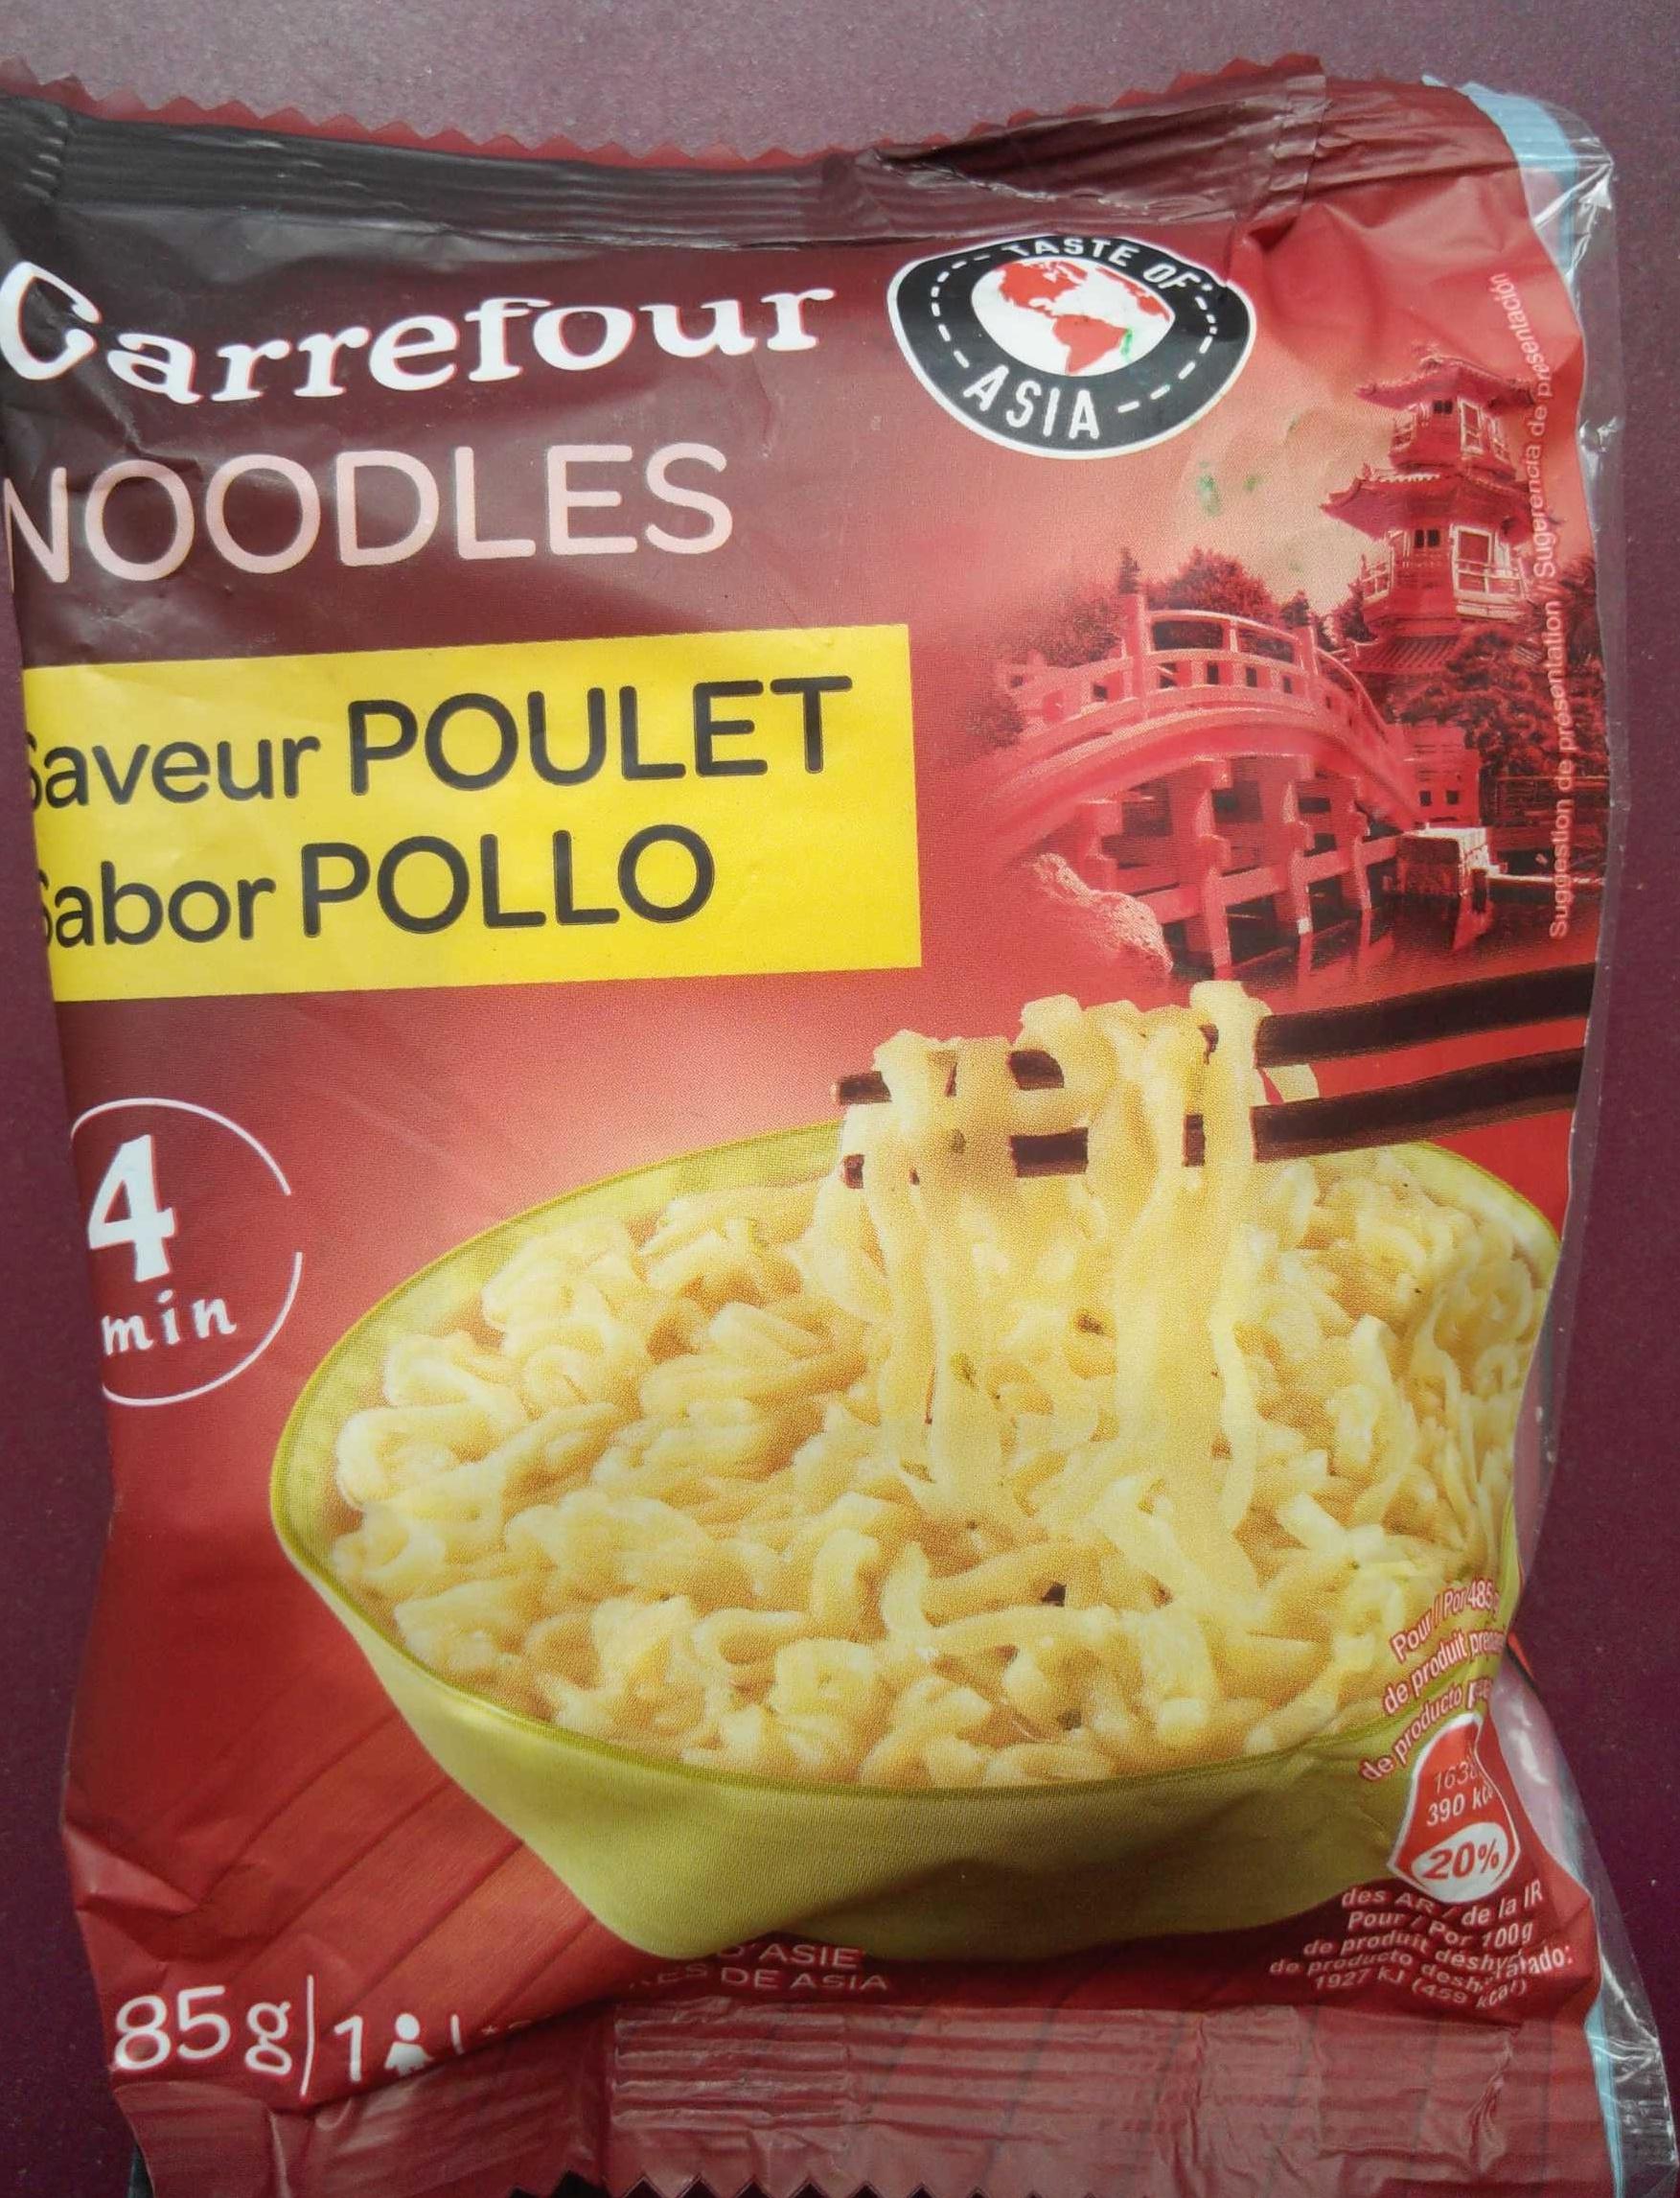 Noodles saveur poulet - Product - fr